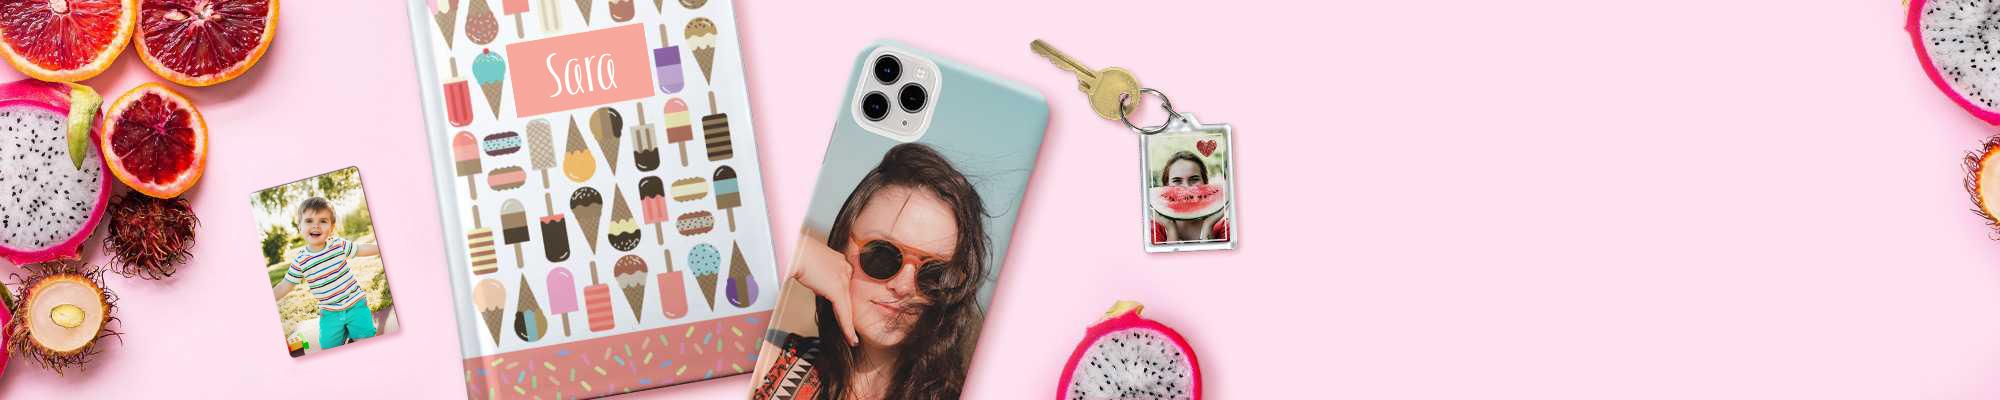 fotoregali e oggetti regalo con foto